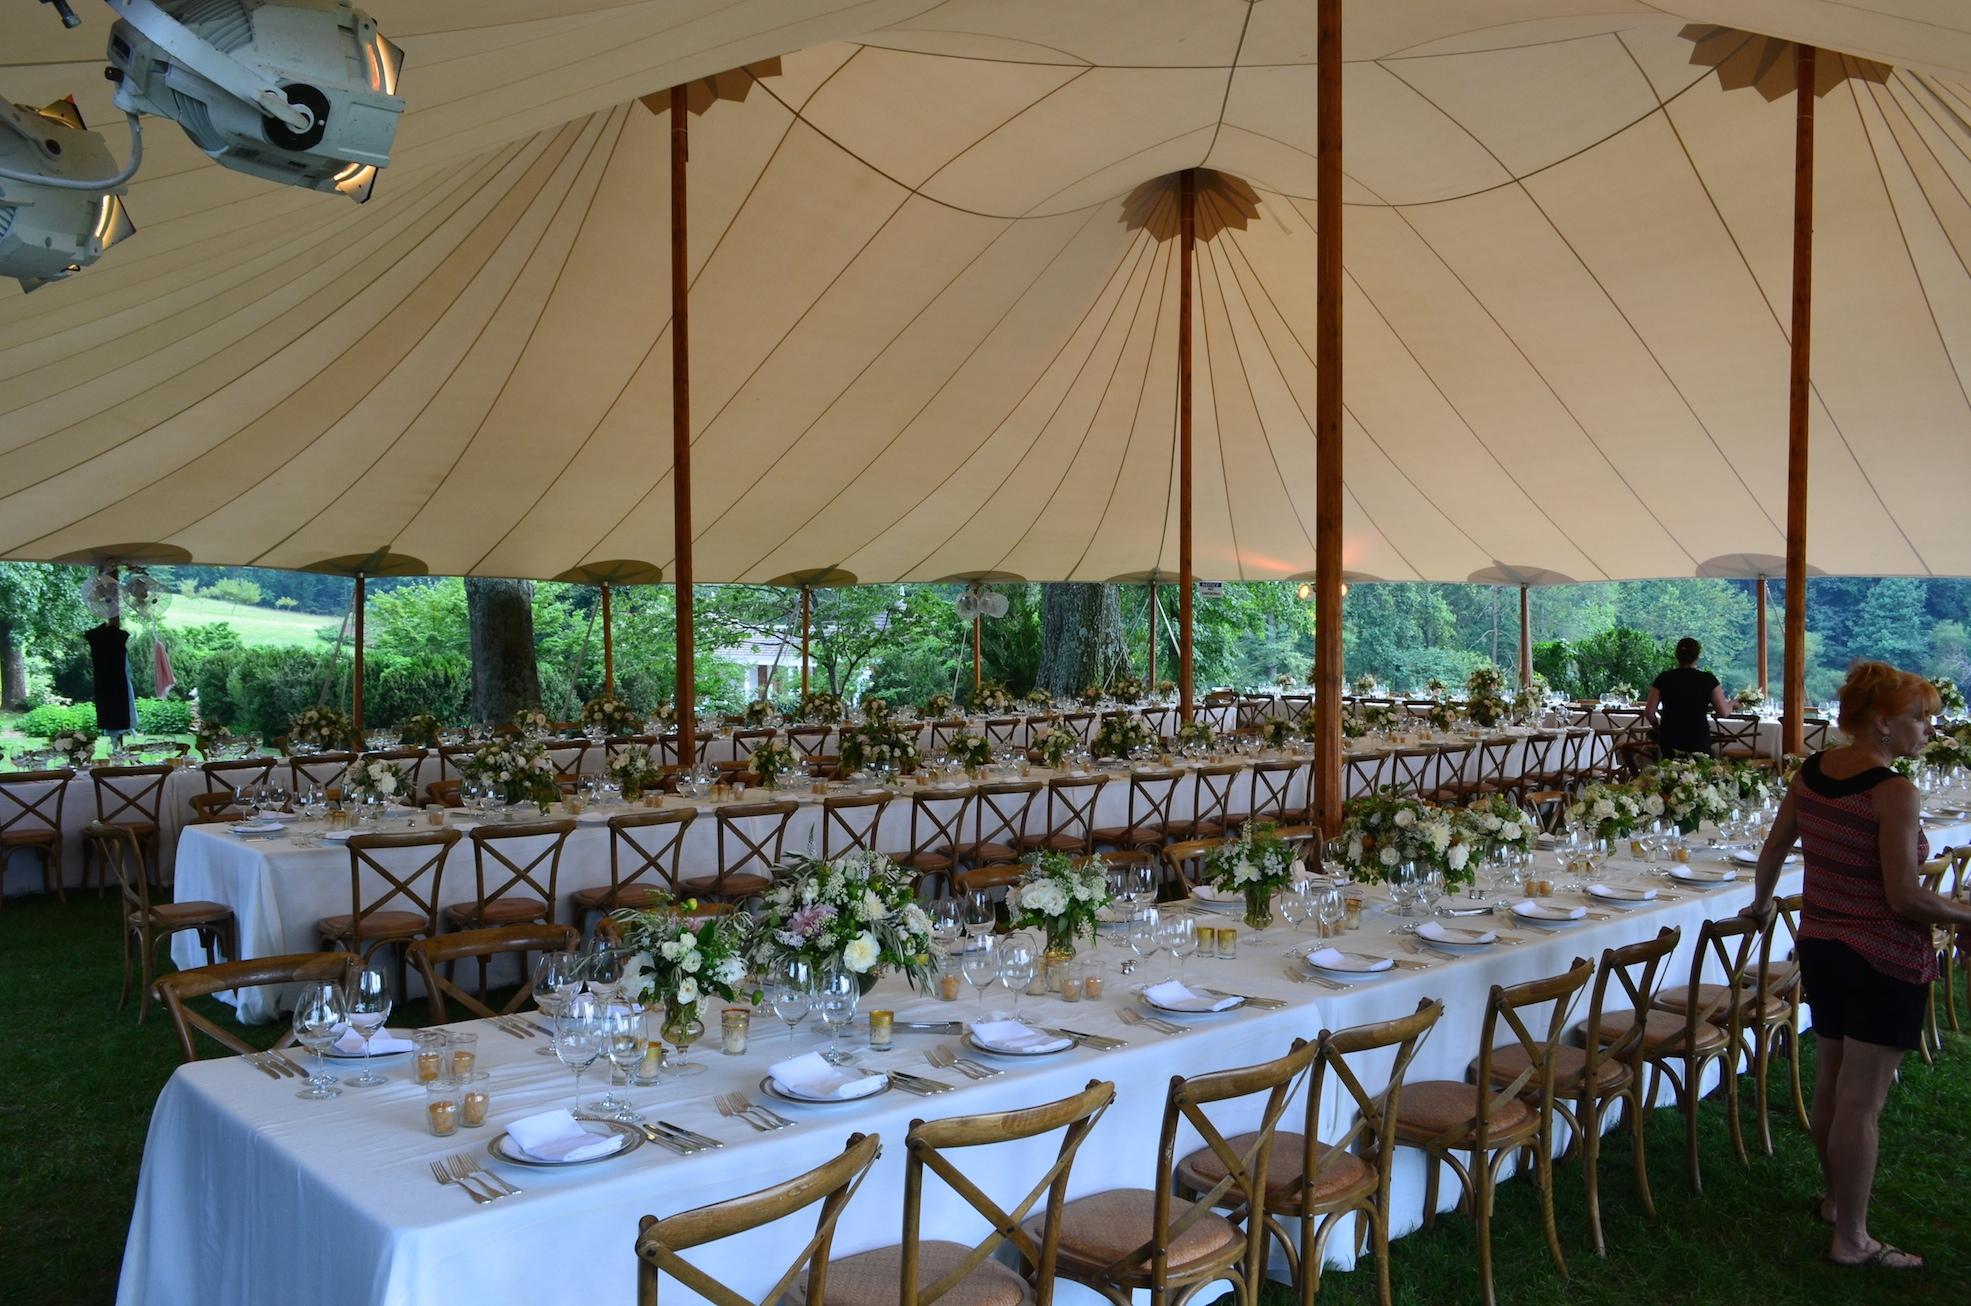 zz Croquete Lawn Tent Verulam Charlottesville Wedding